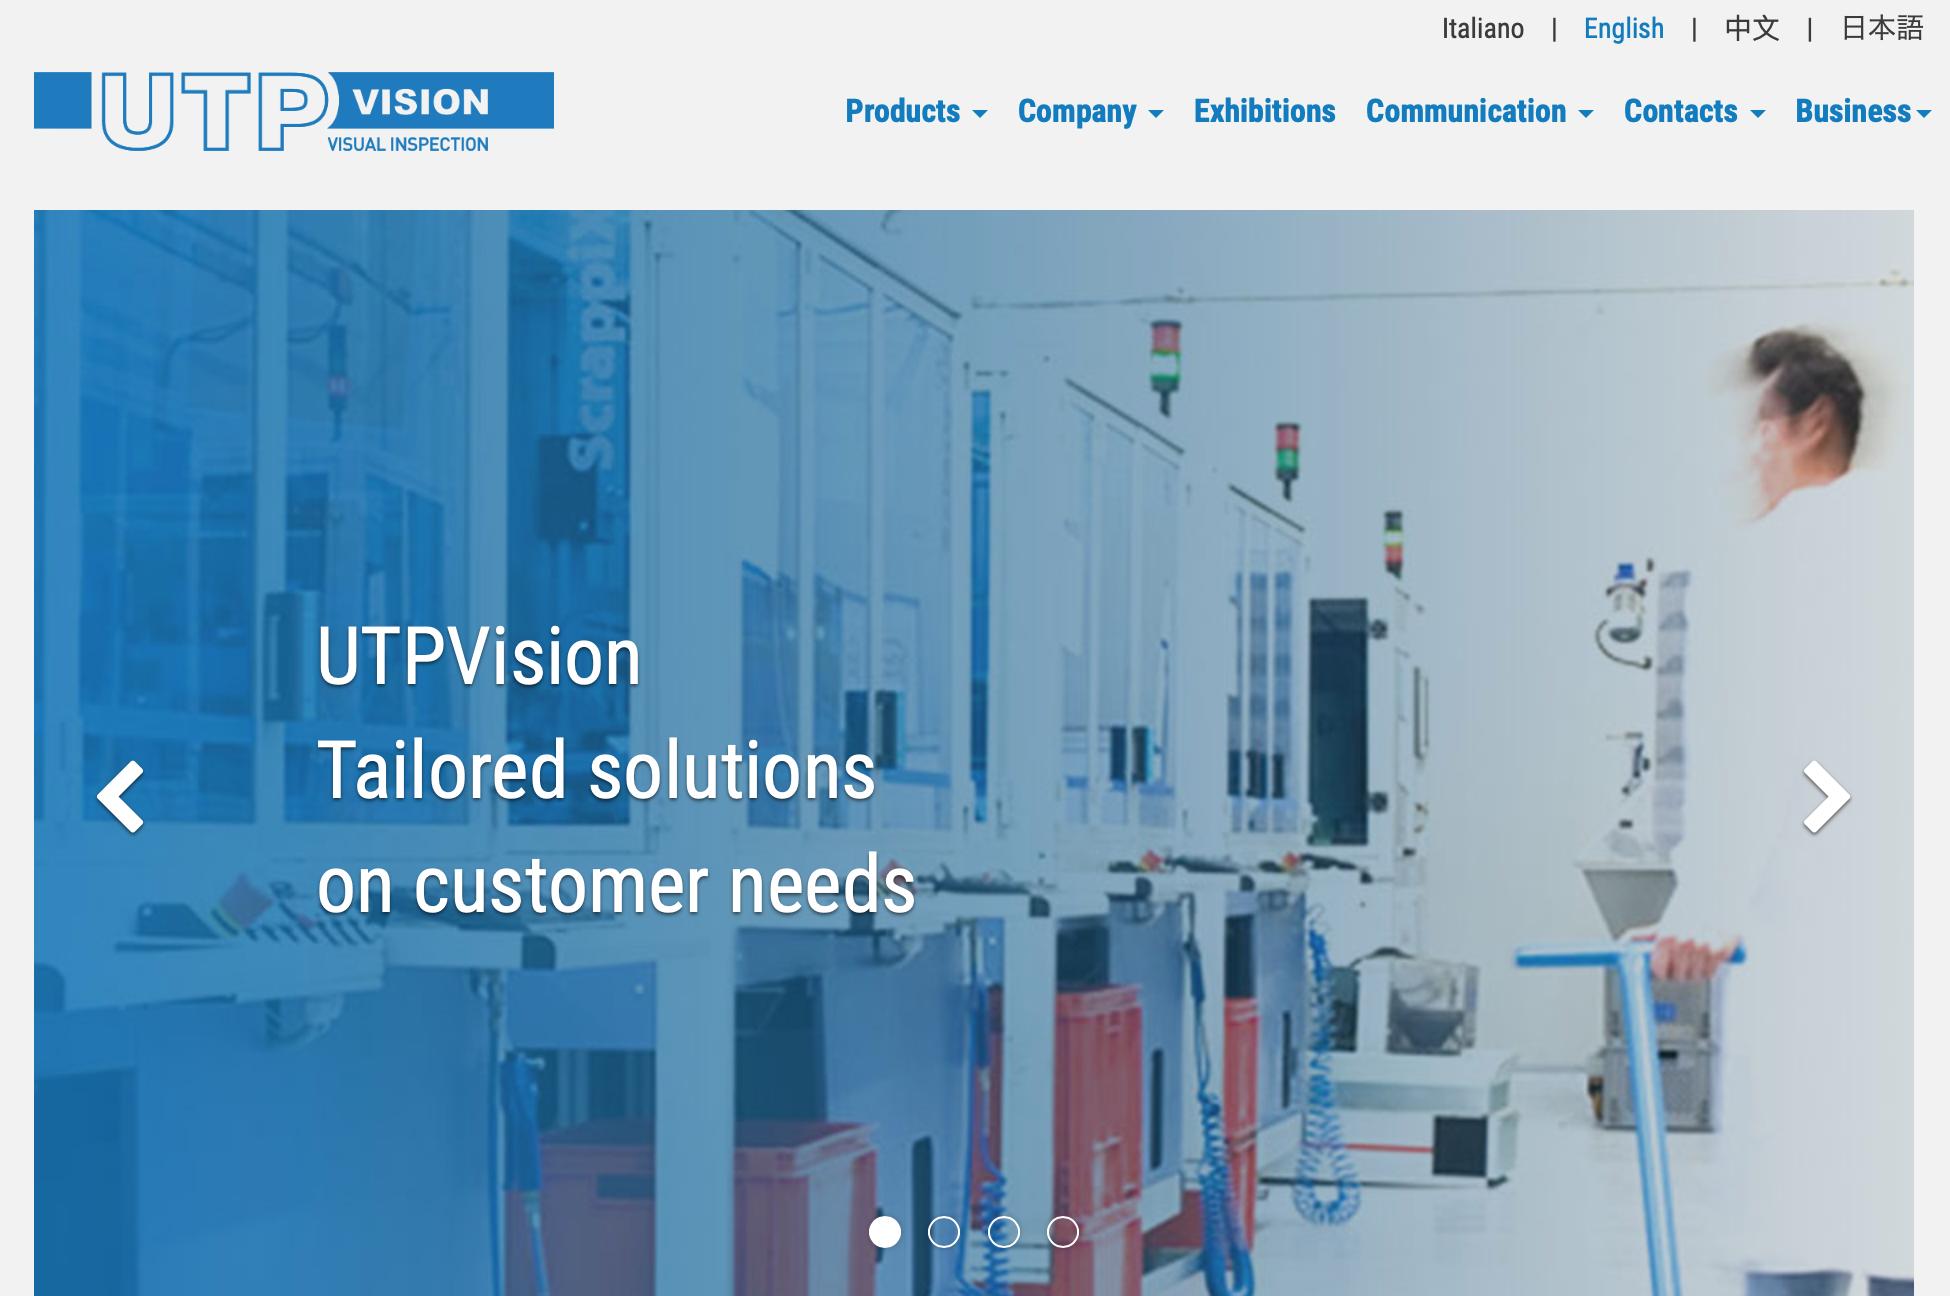 UTP Vision sito MaVix industriagomma